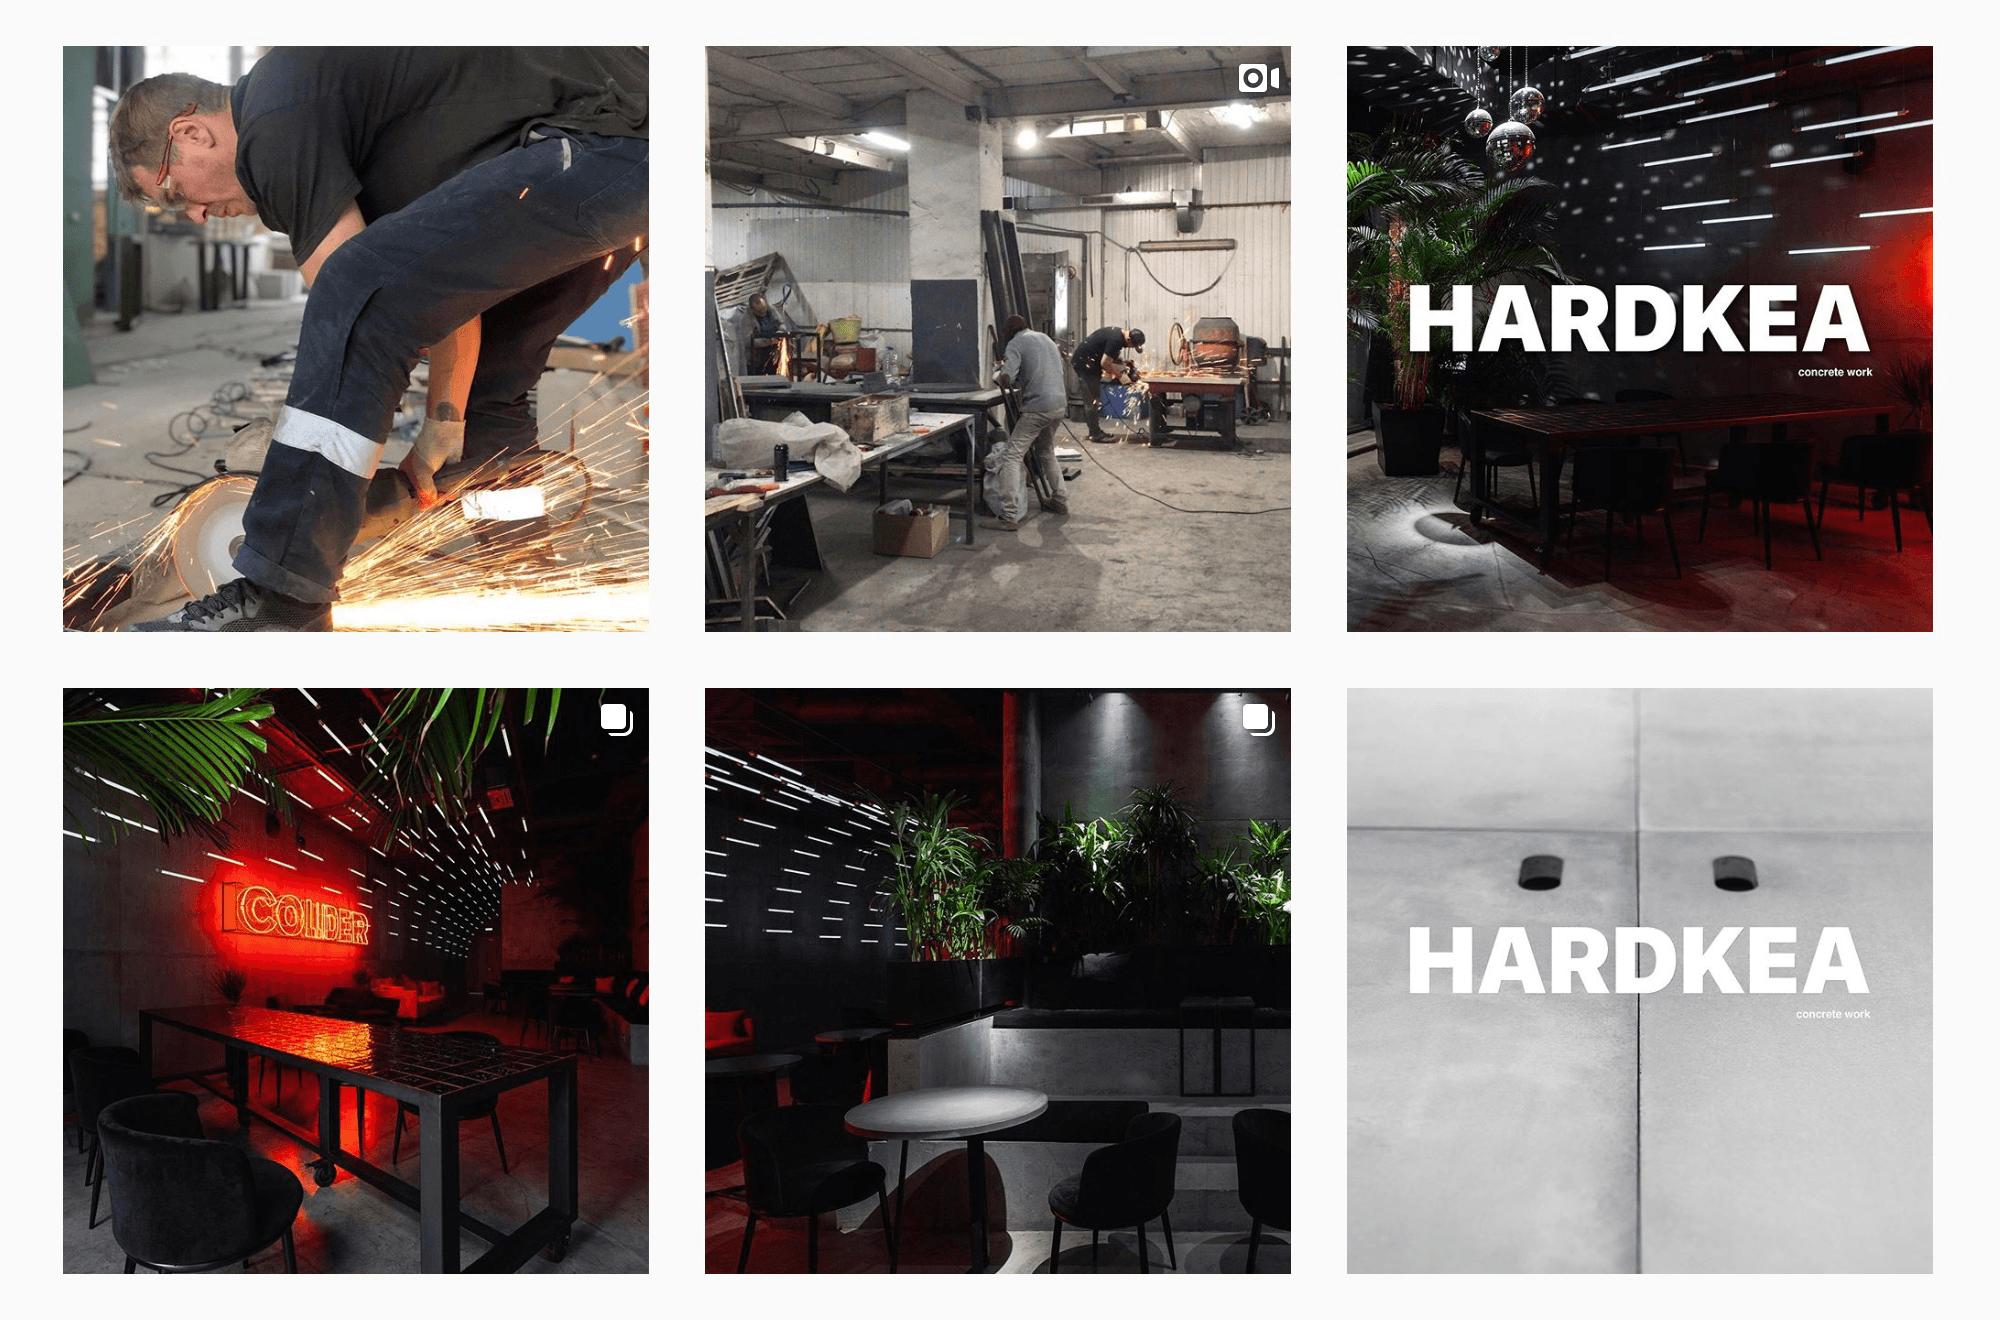 Часть клиентов приходит через аккаунт «Хардкеи» в Инстаграме, куда ребята выкладывают фото работ